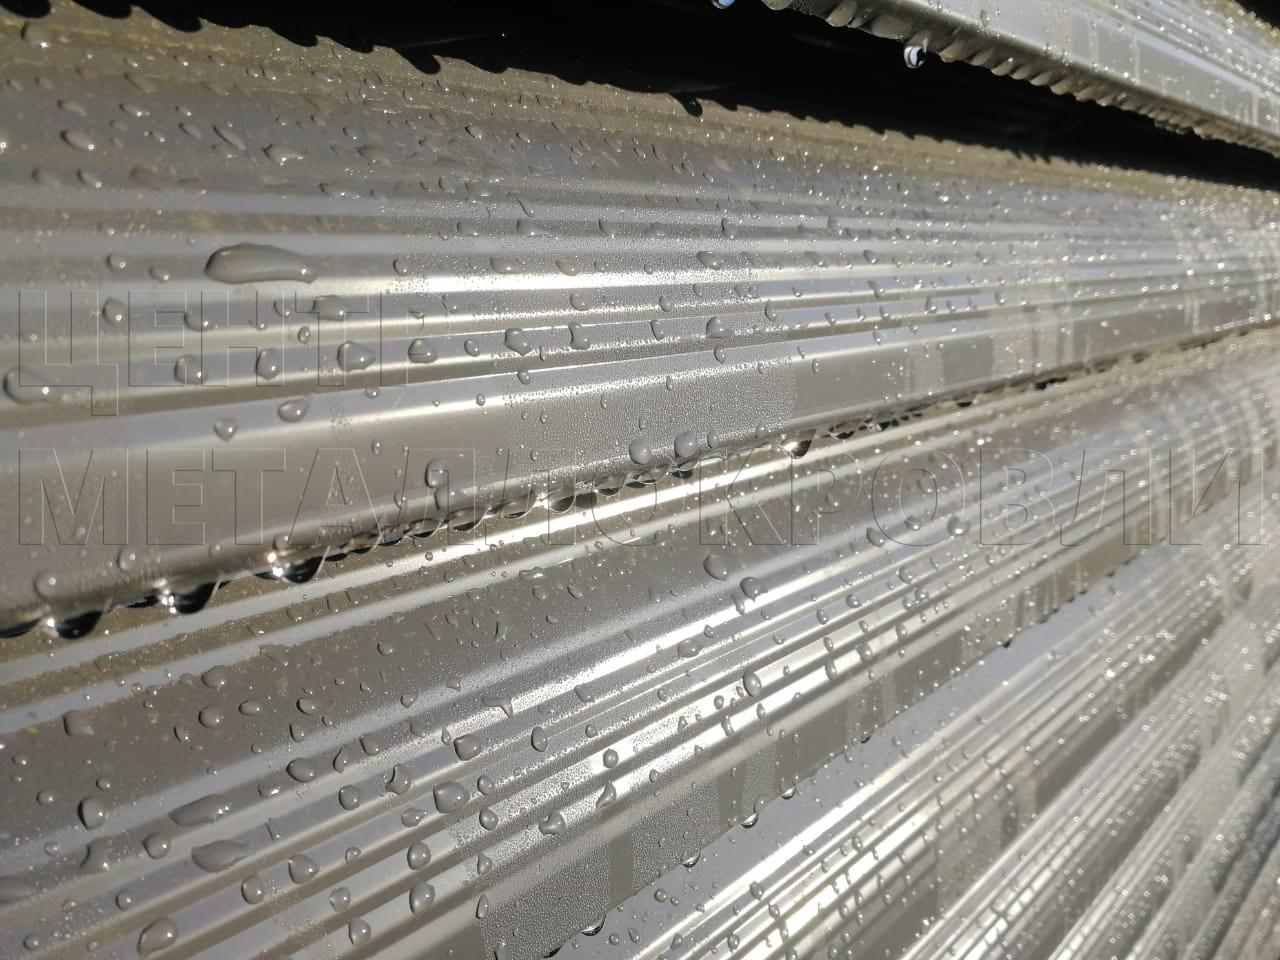 Забор-жалюзи с ламелями Еврожалюзи от Центра Металлокровли в Новороссийске